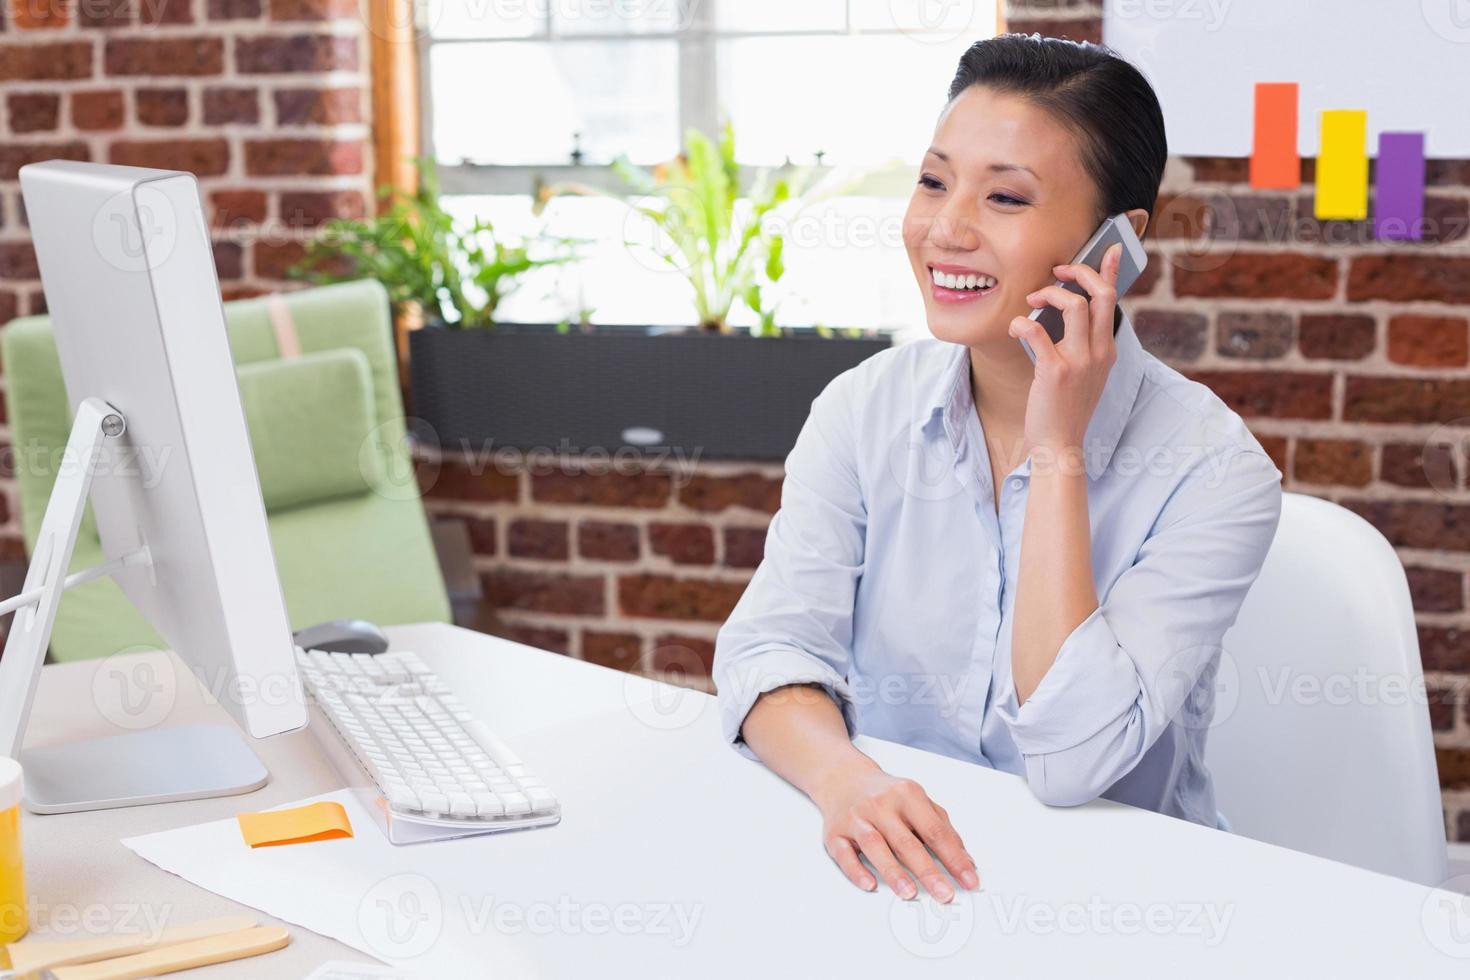 executivo feminino usando telefone celular na mesa foto